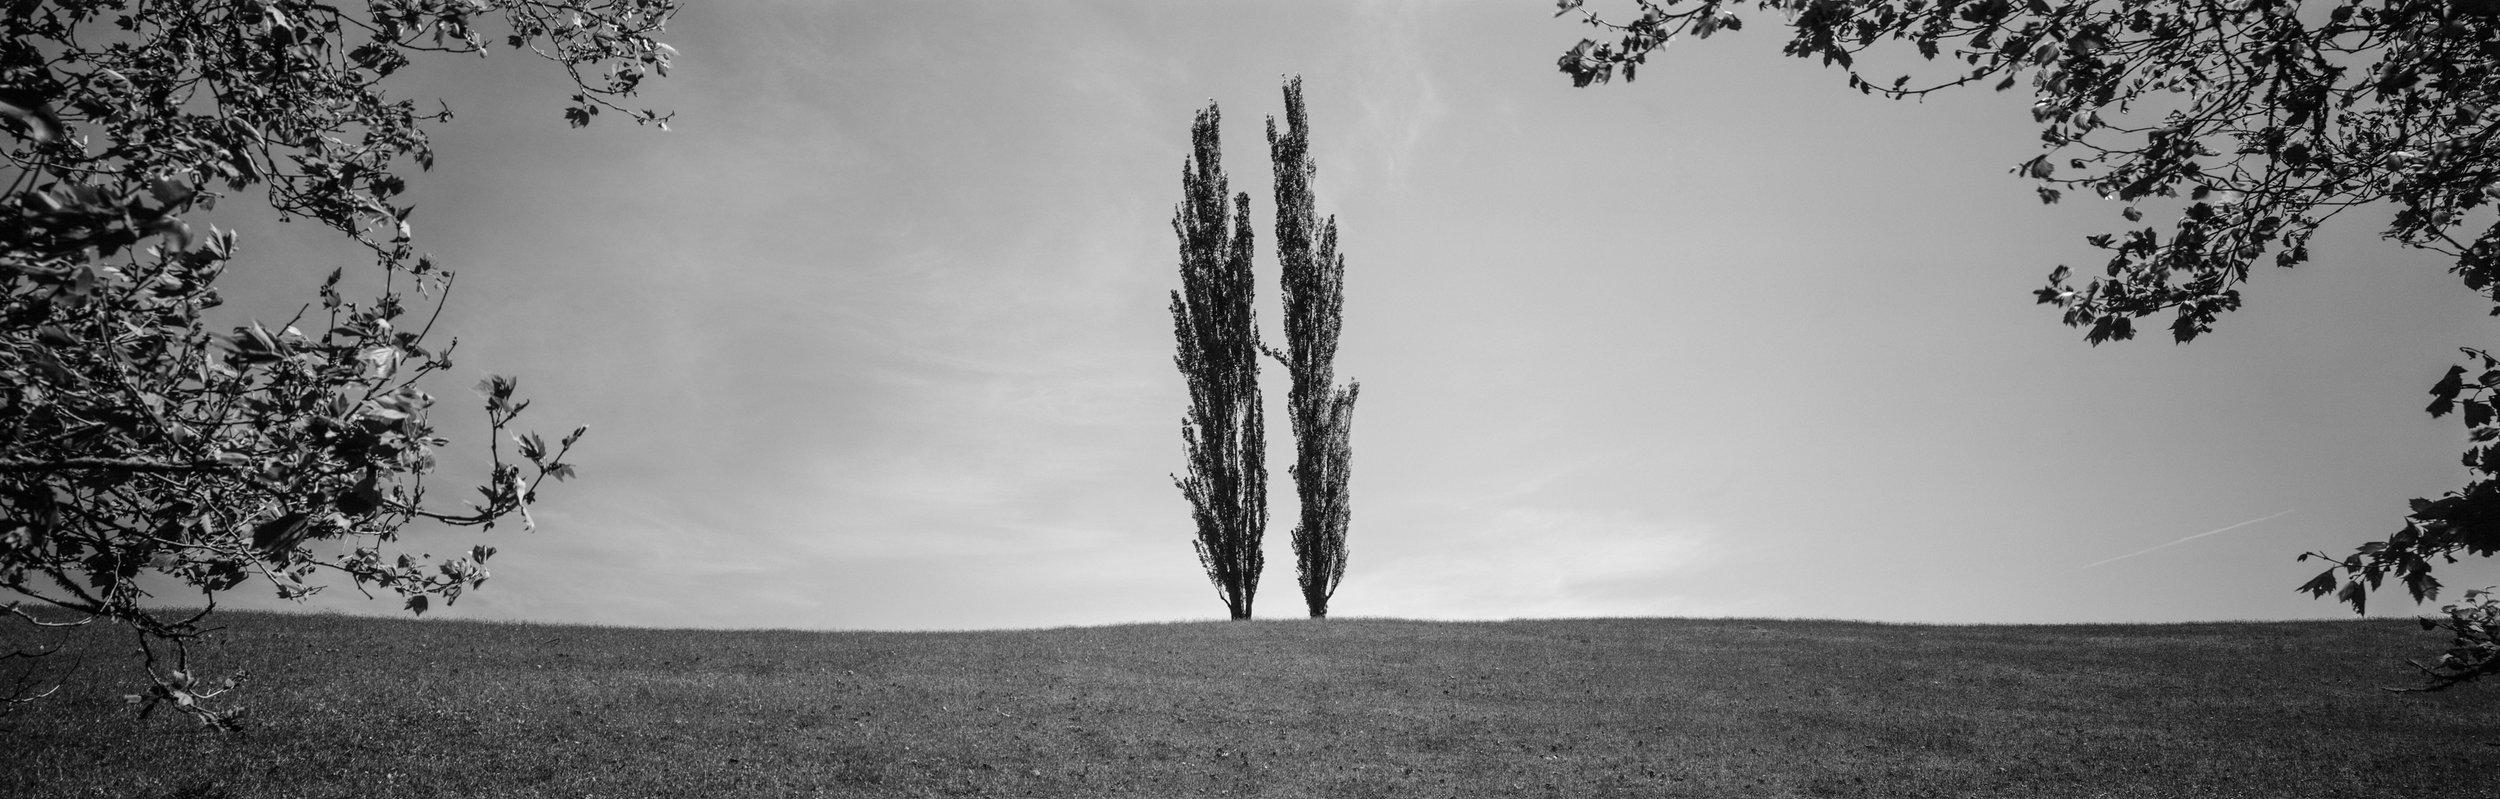 TREES HOLDING HANDS.jpg